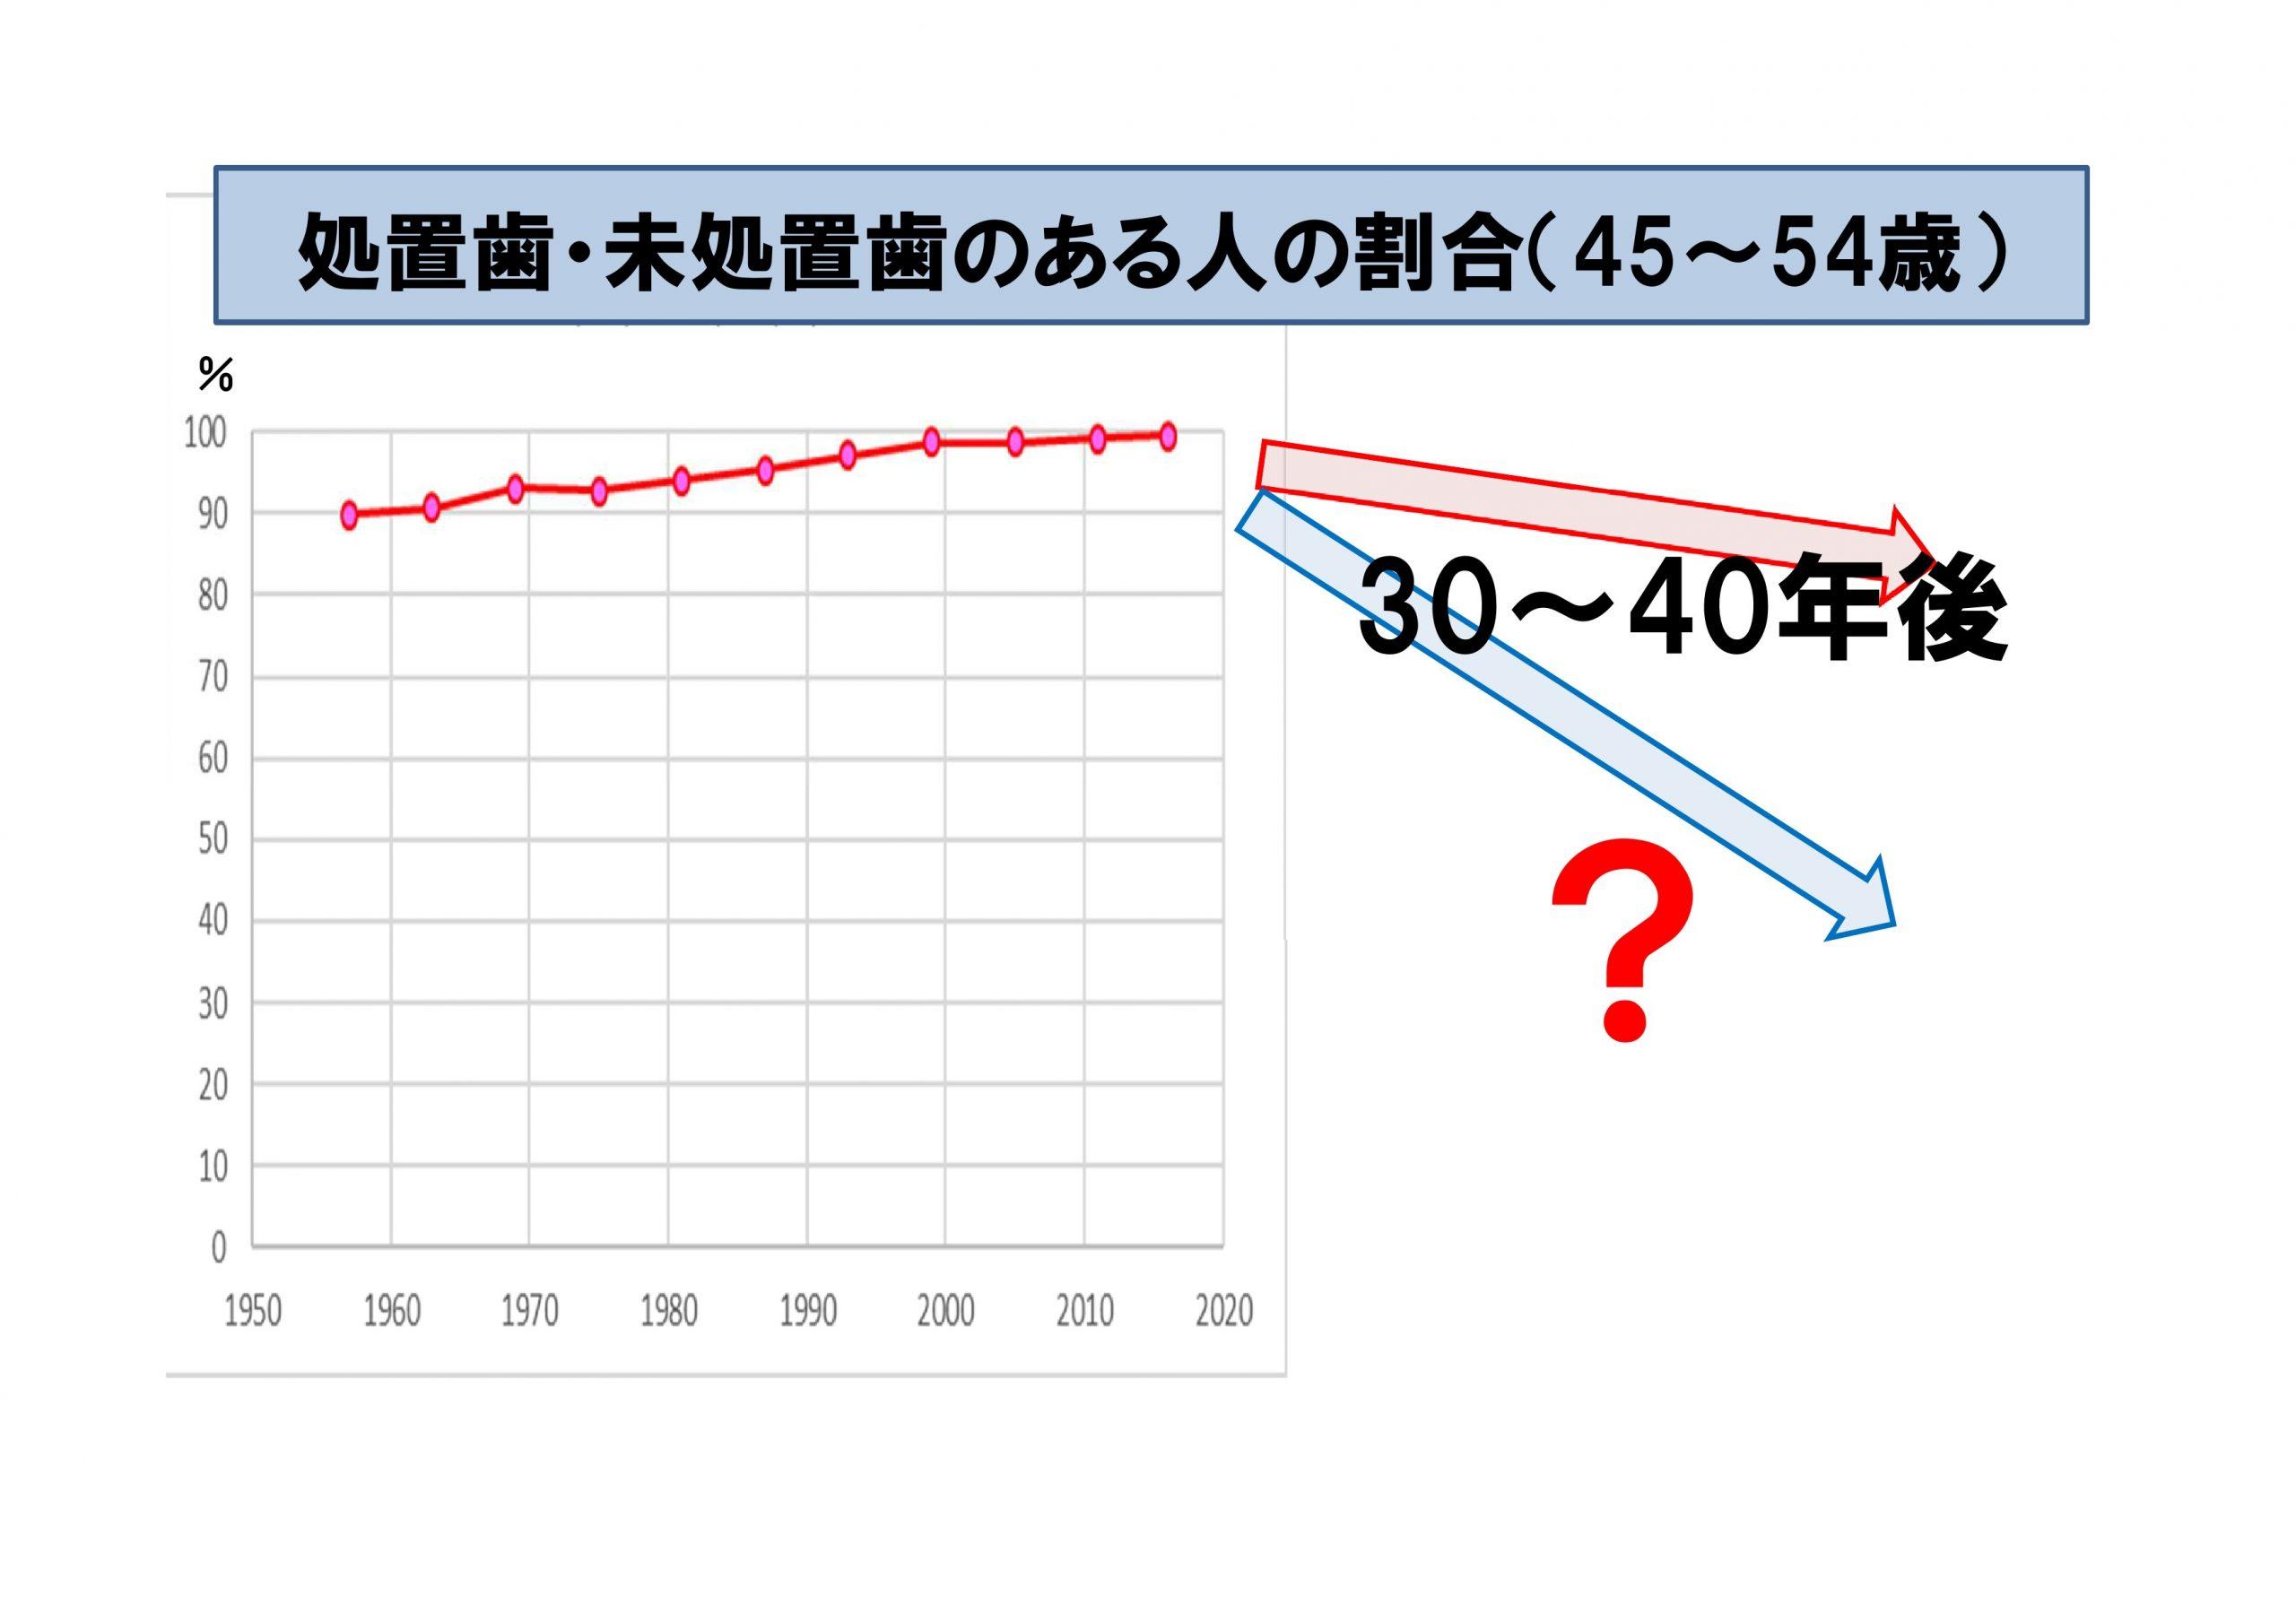 処置歯・未処置歯のある人の割合(45~54歳)の将来